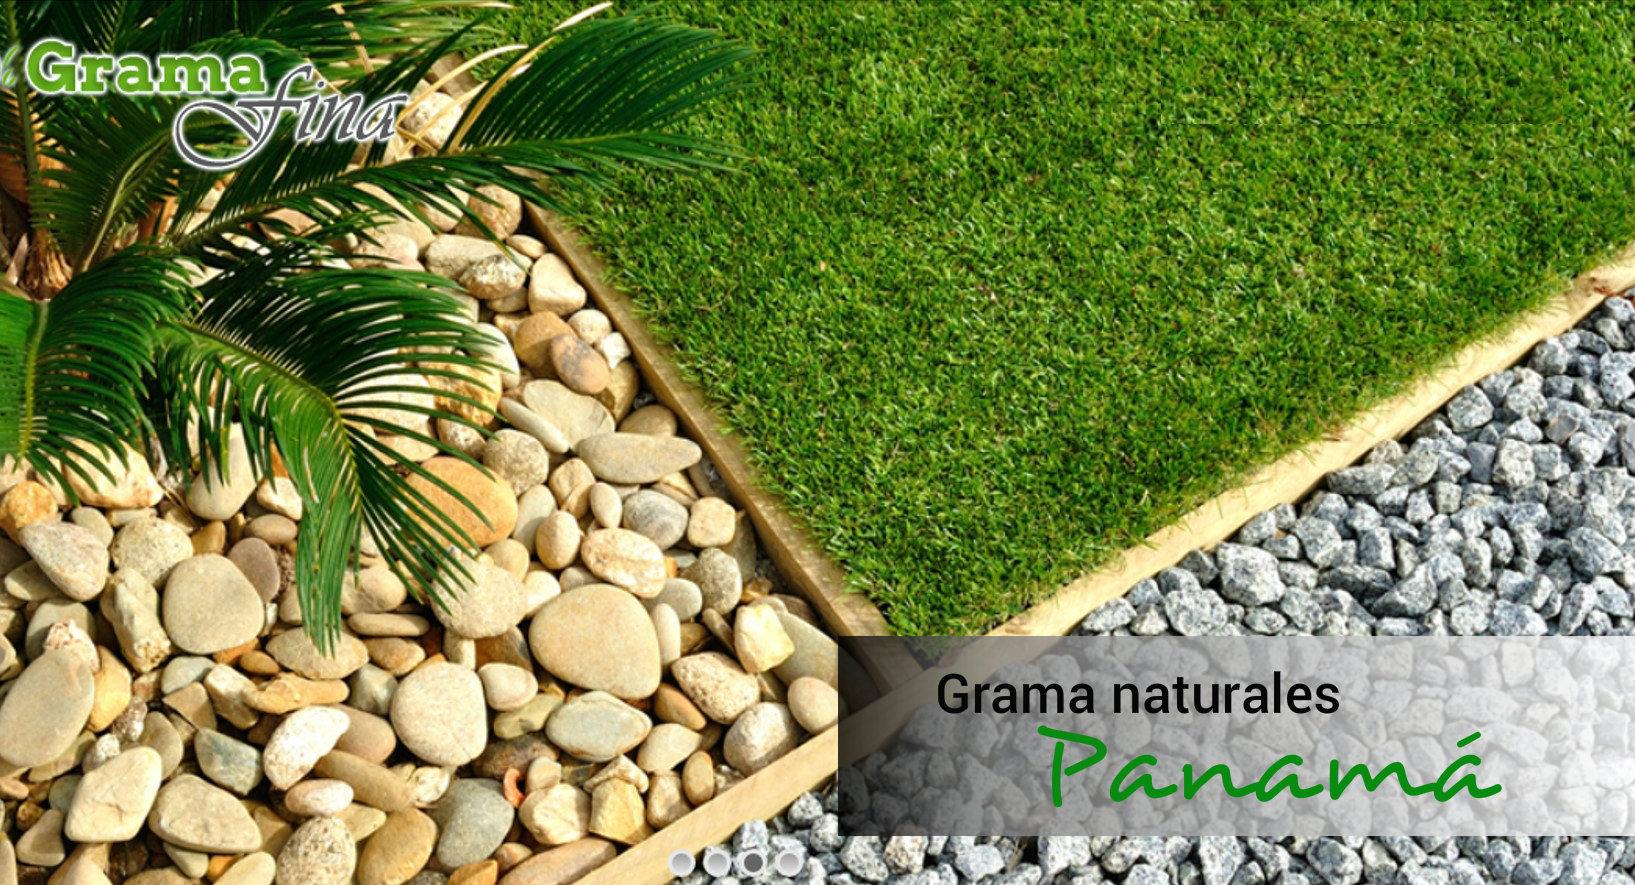 Grama natural, compras en Panamá